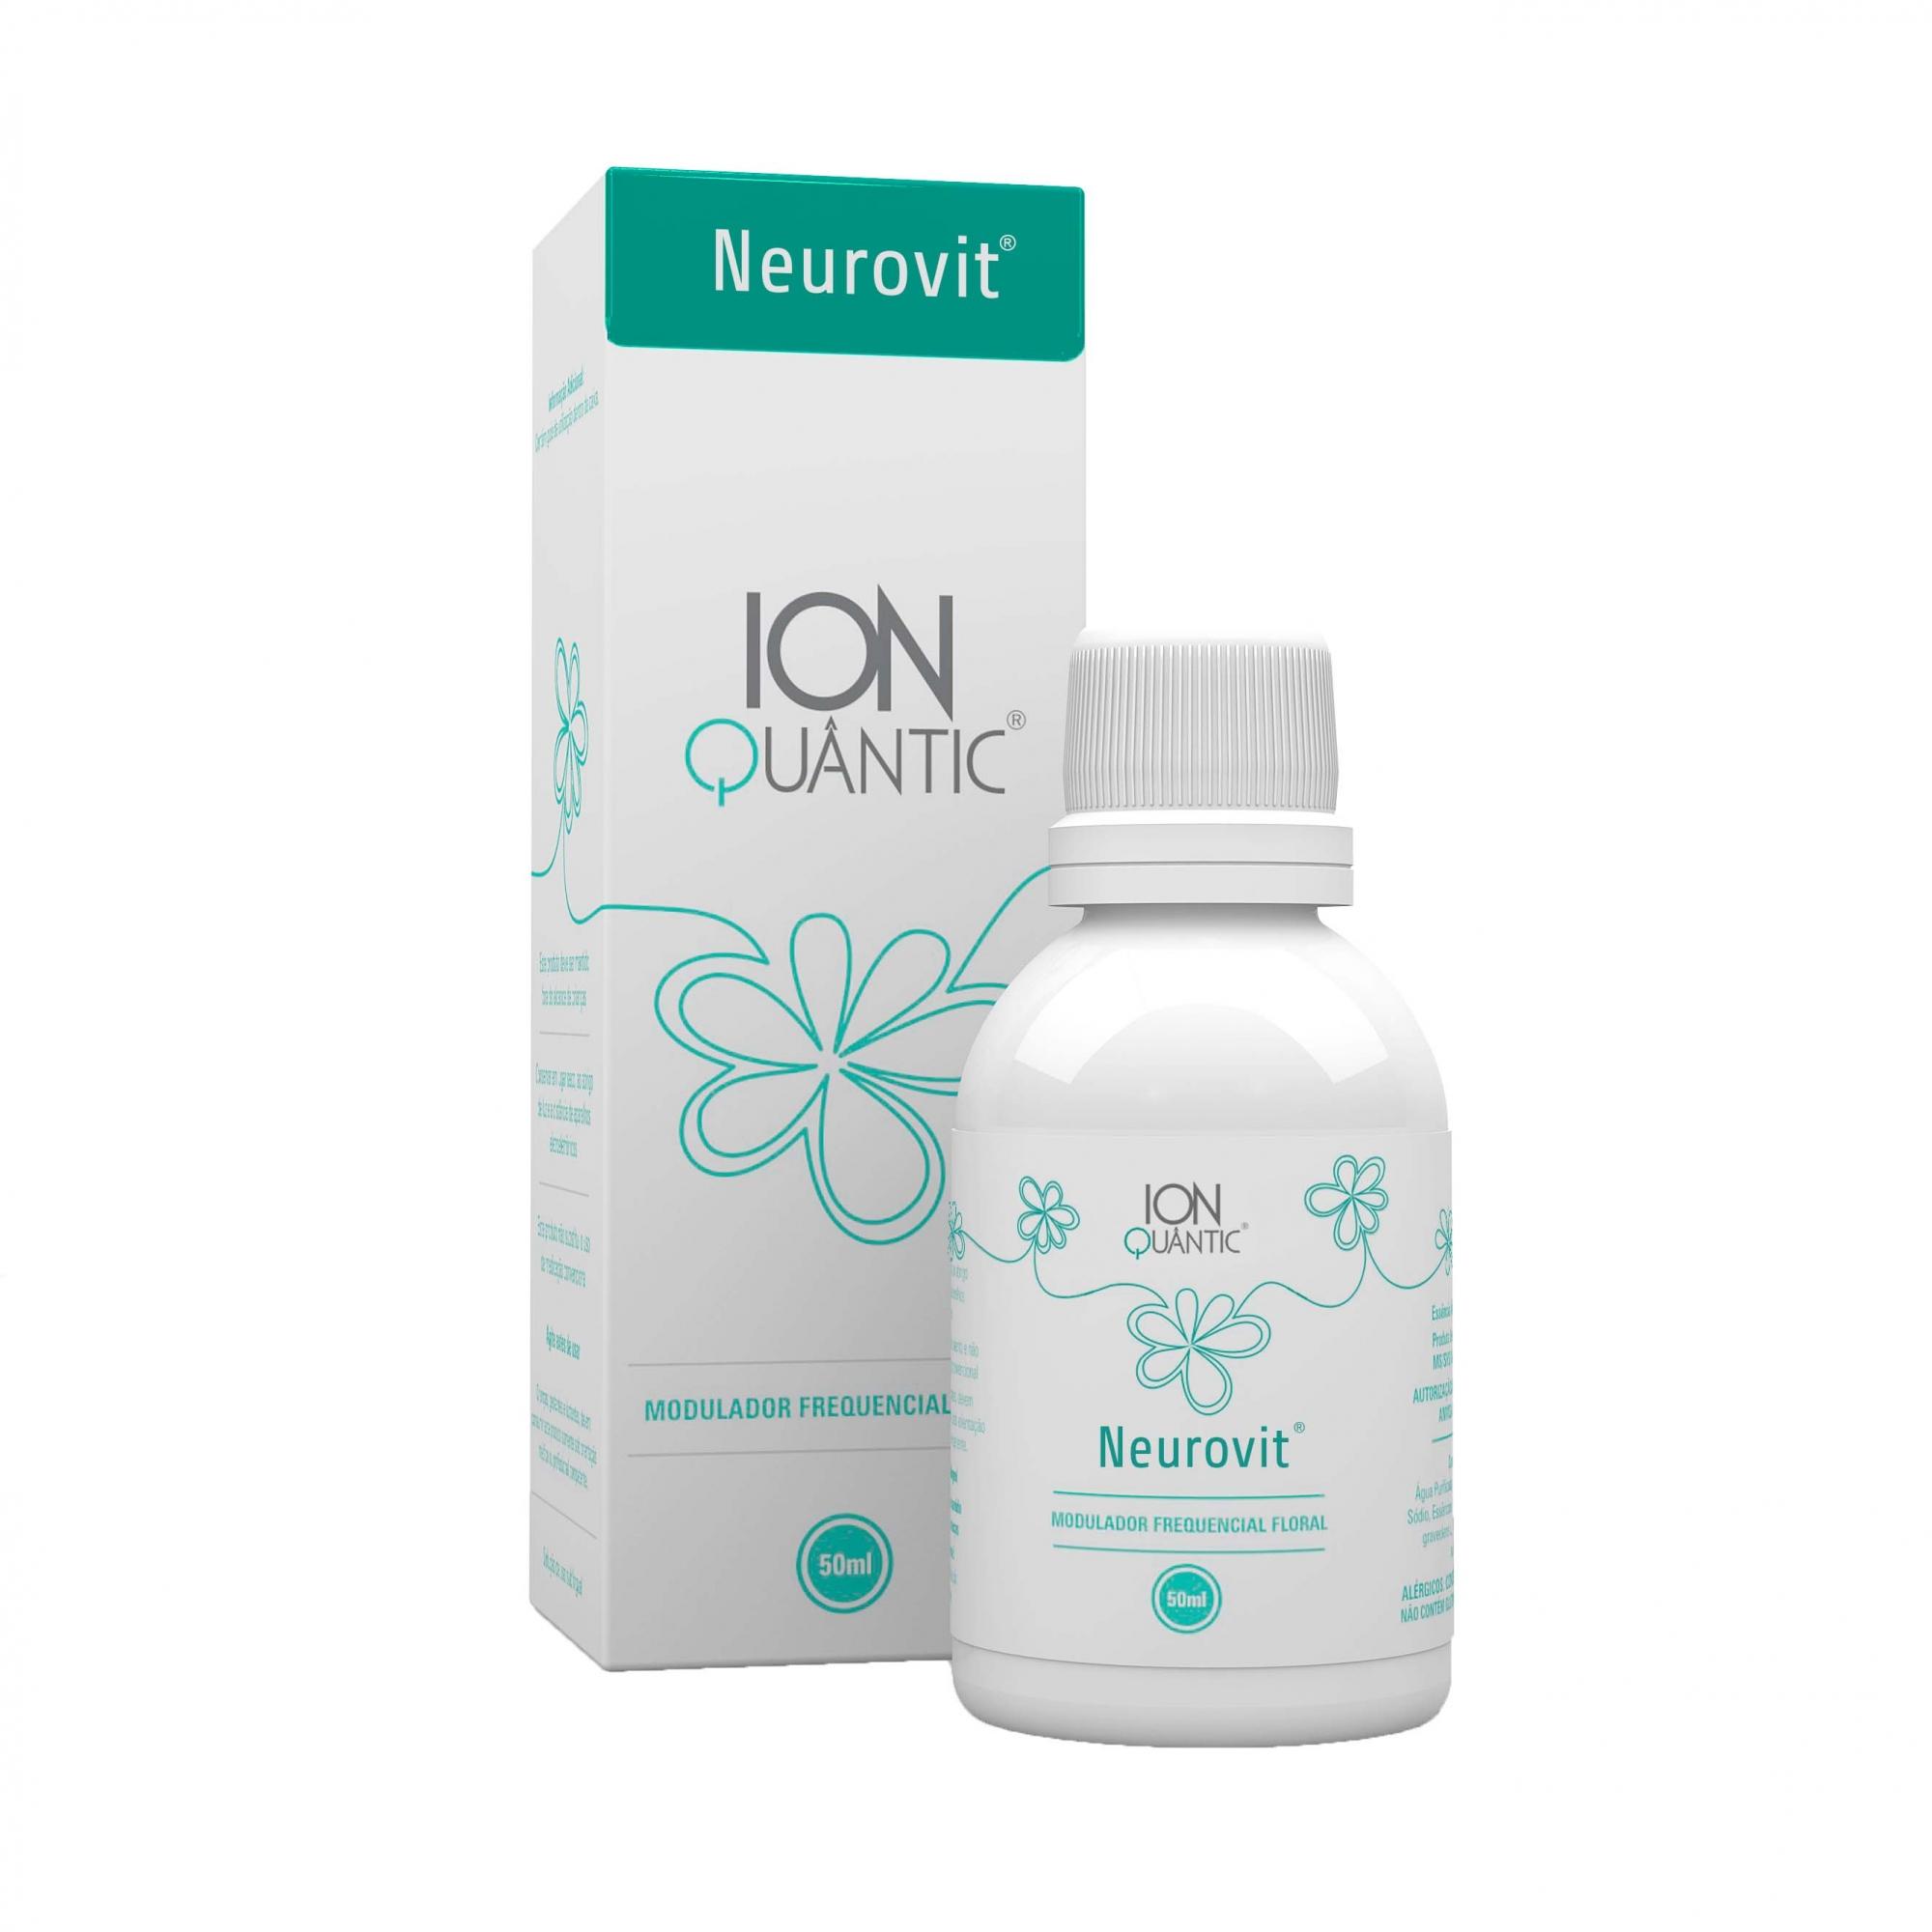 Ionquantic Neurovit 50ml Fisioquantic